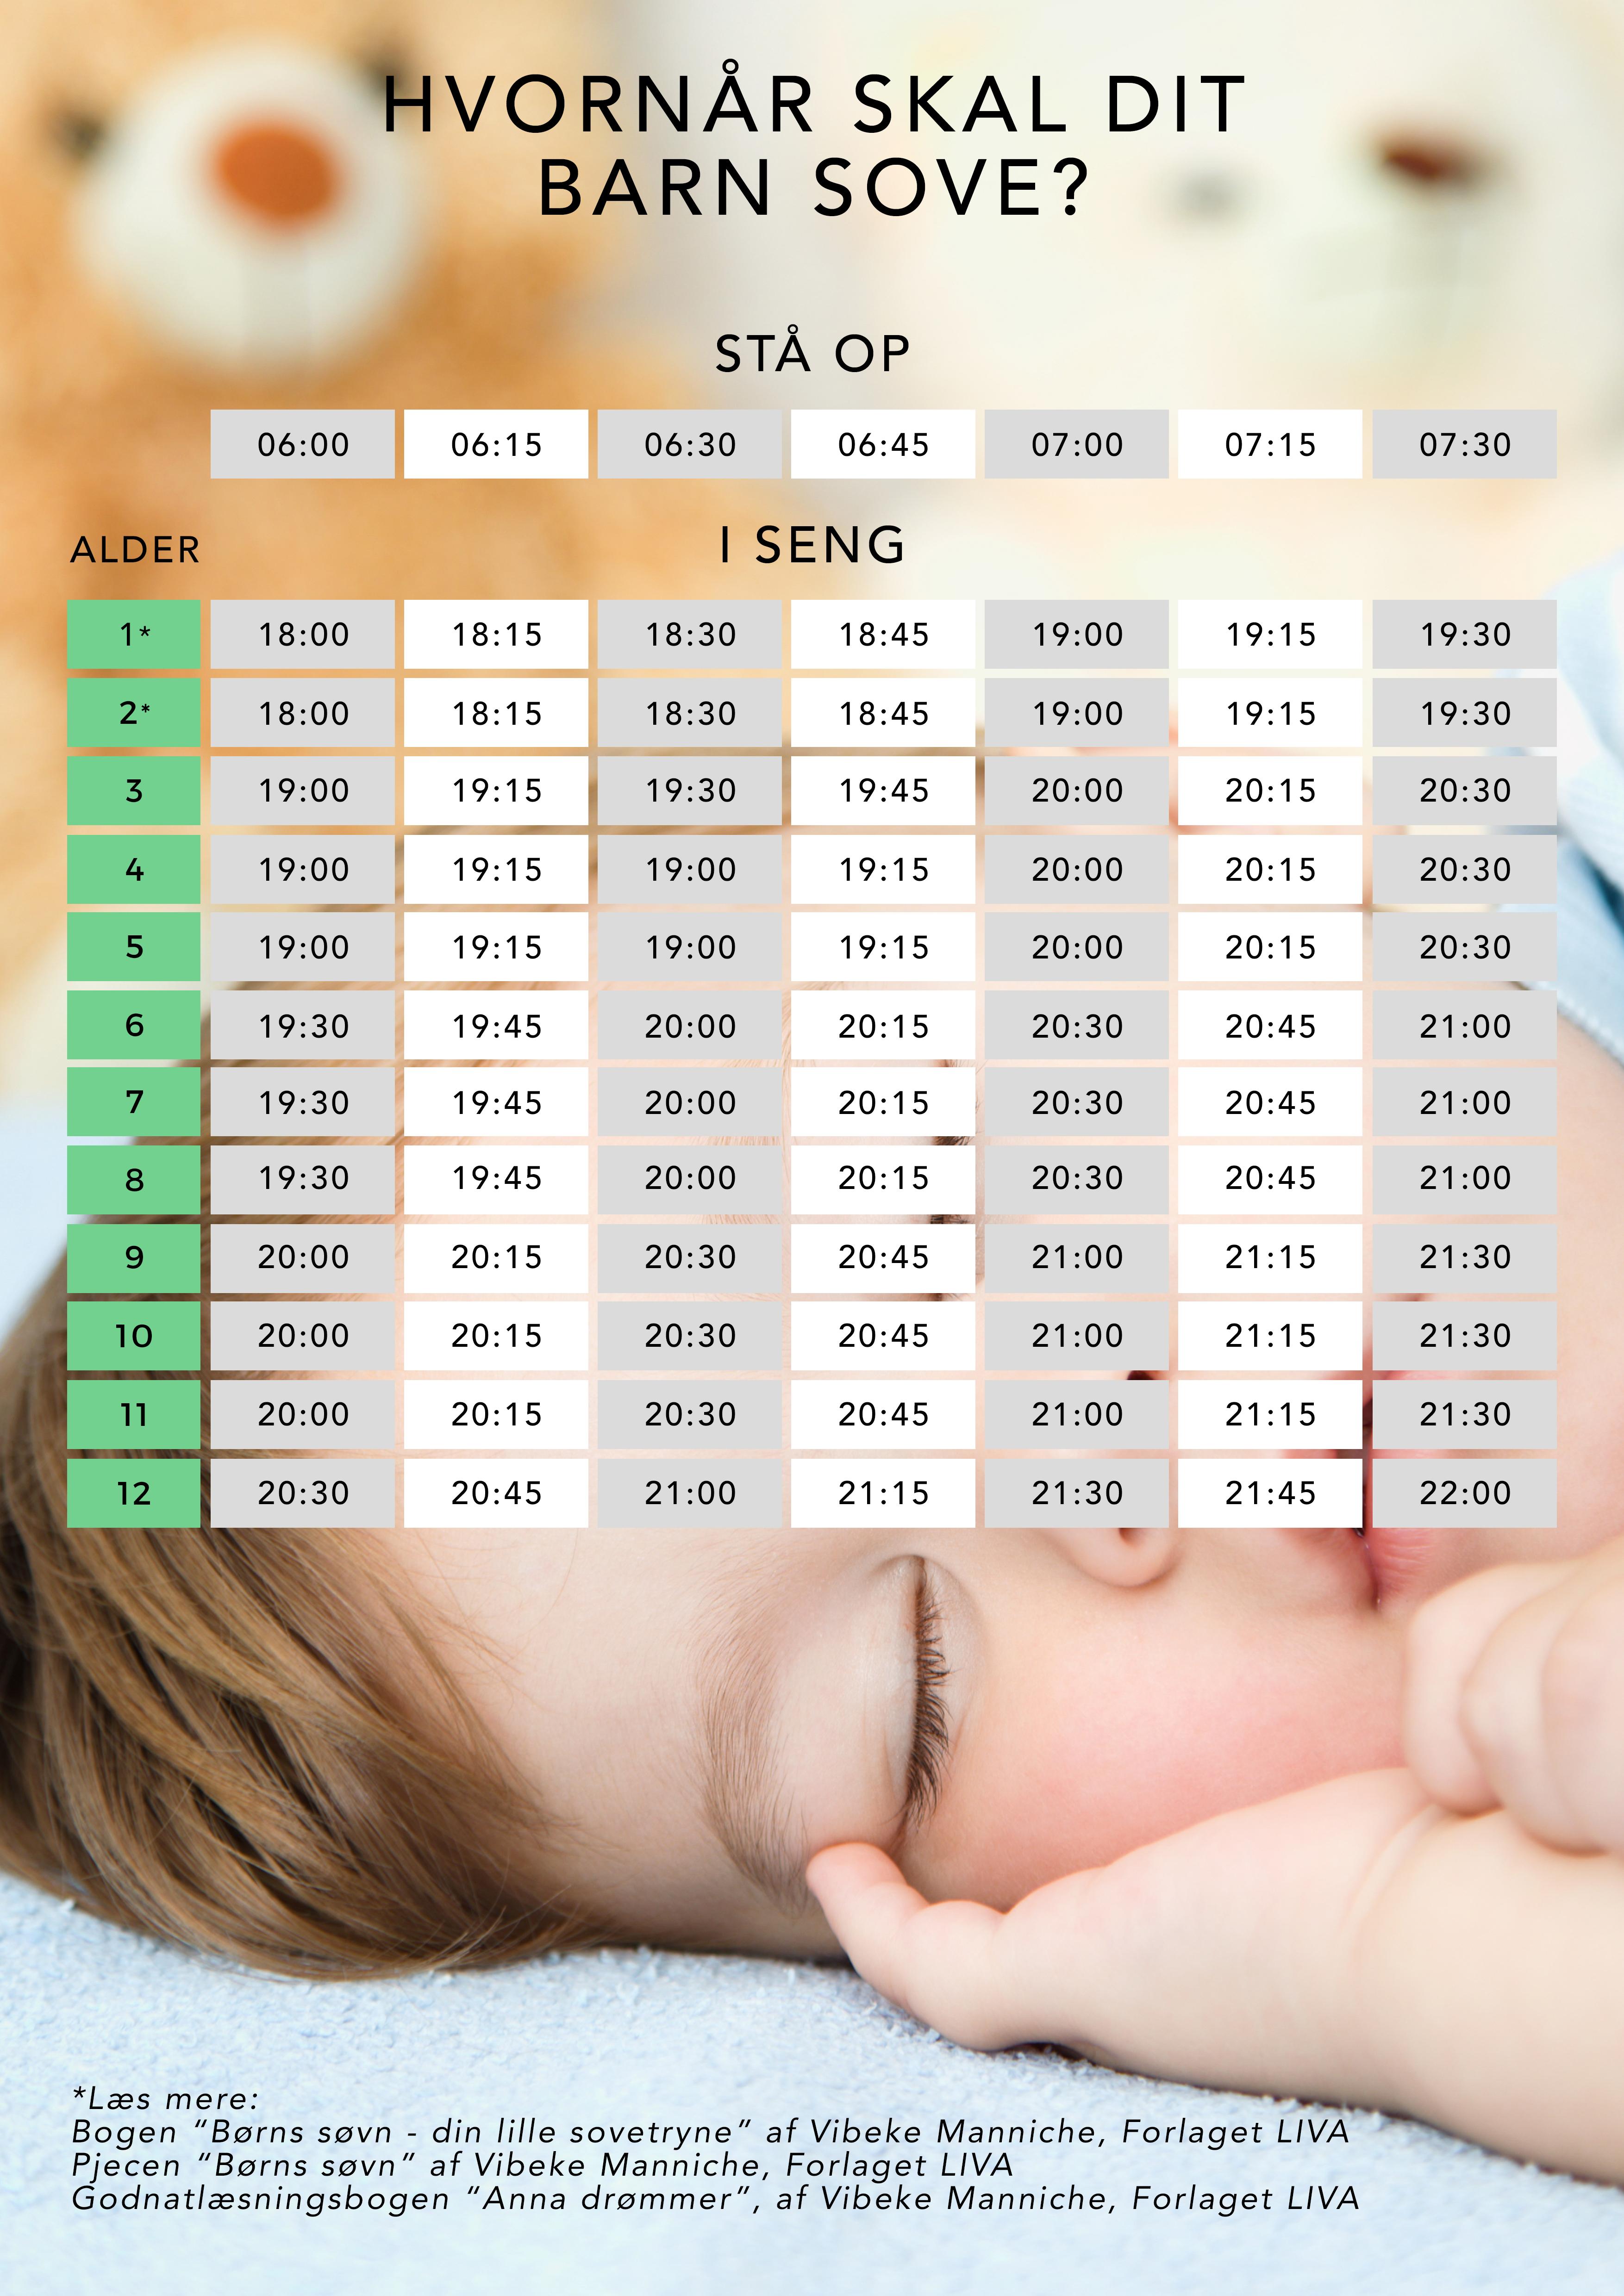 børnssøvnplakat